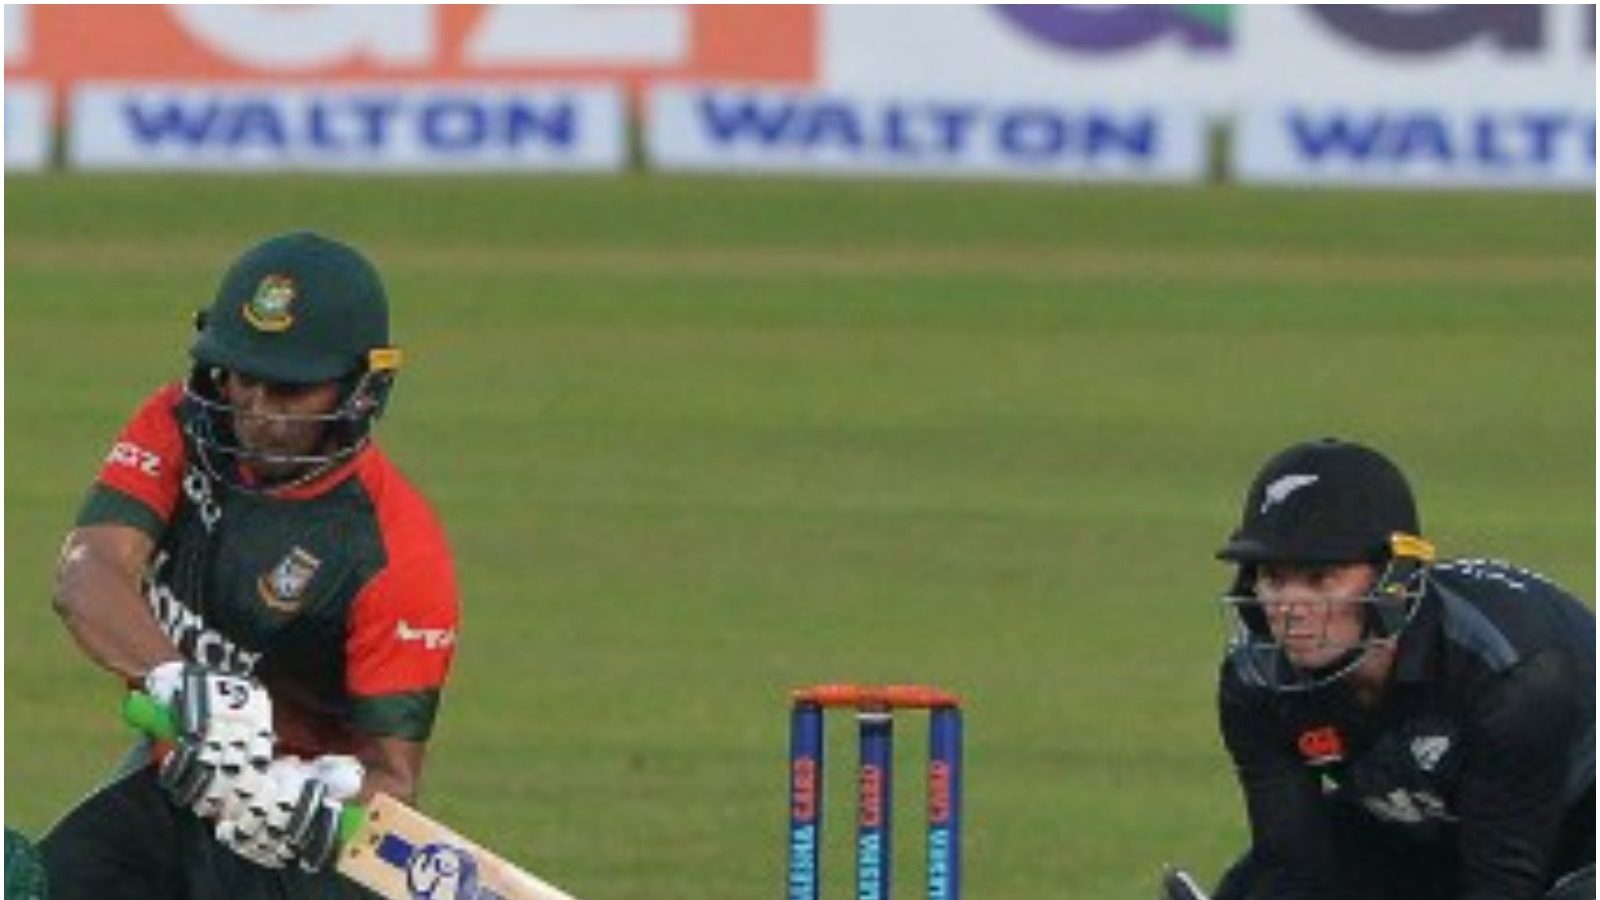 گیندبازوں کاقہر، بنگلہ دیش نے نیوزی لینڈ کو سات وکٹوں سے ہرایا